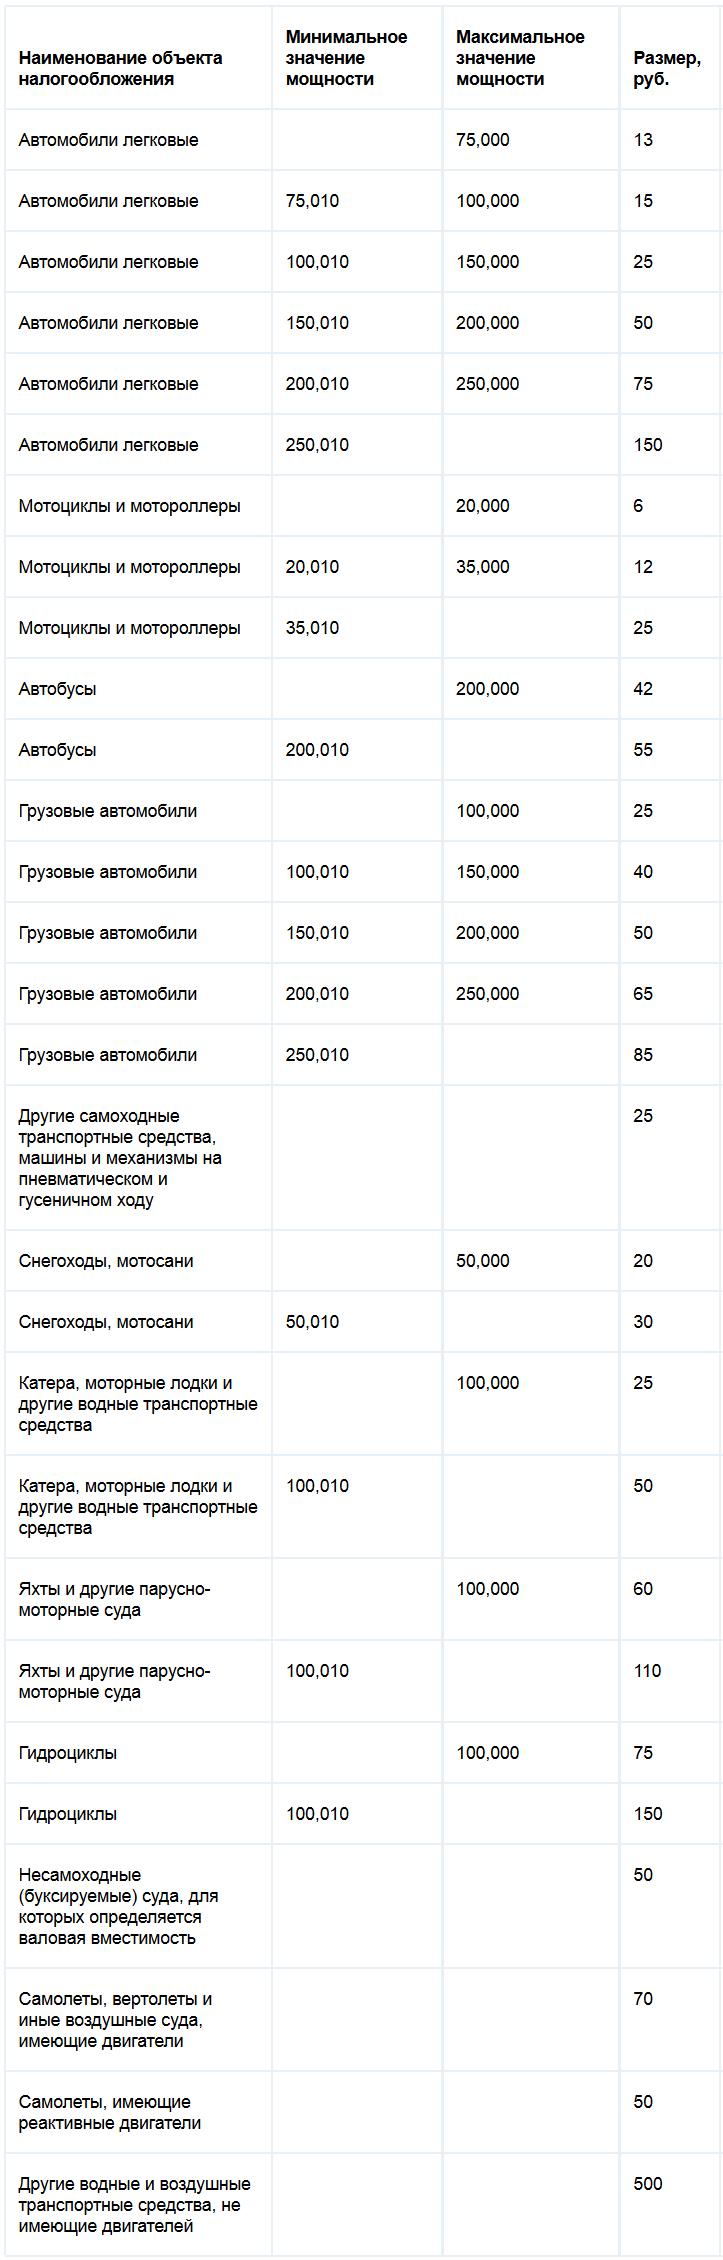 Ставки транспортного налога Псковской области